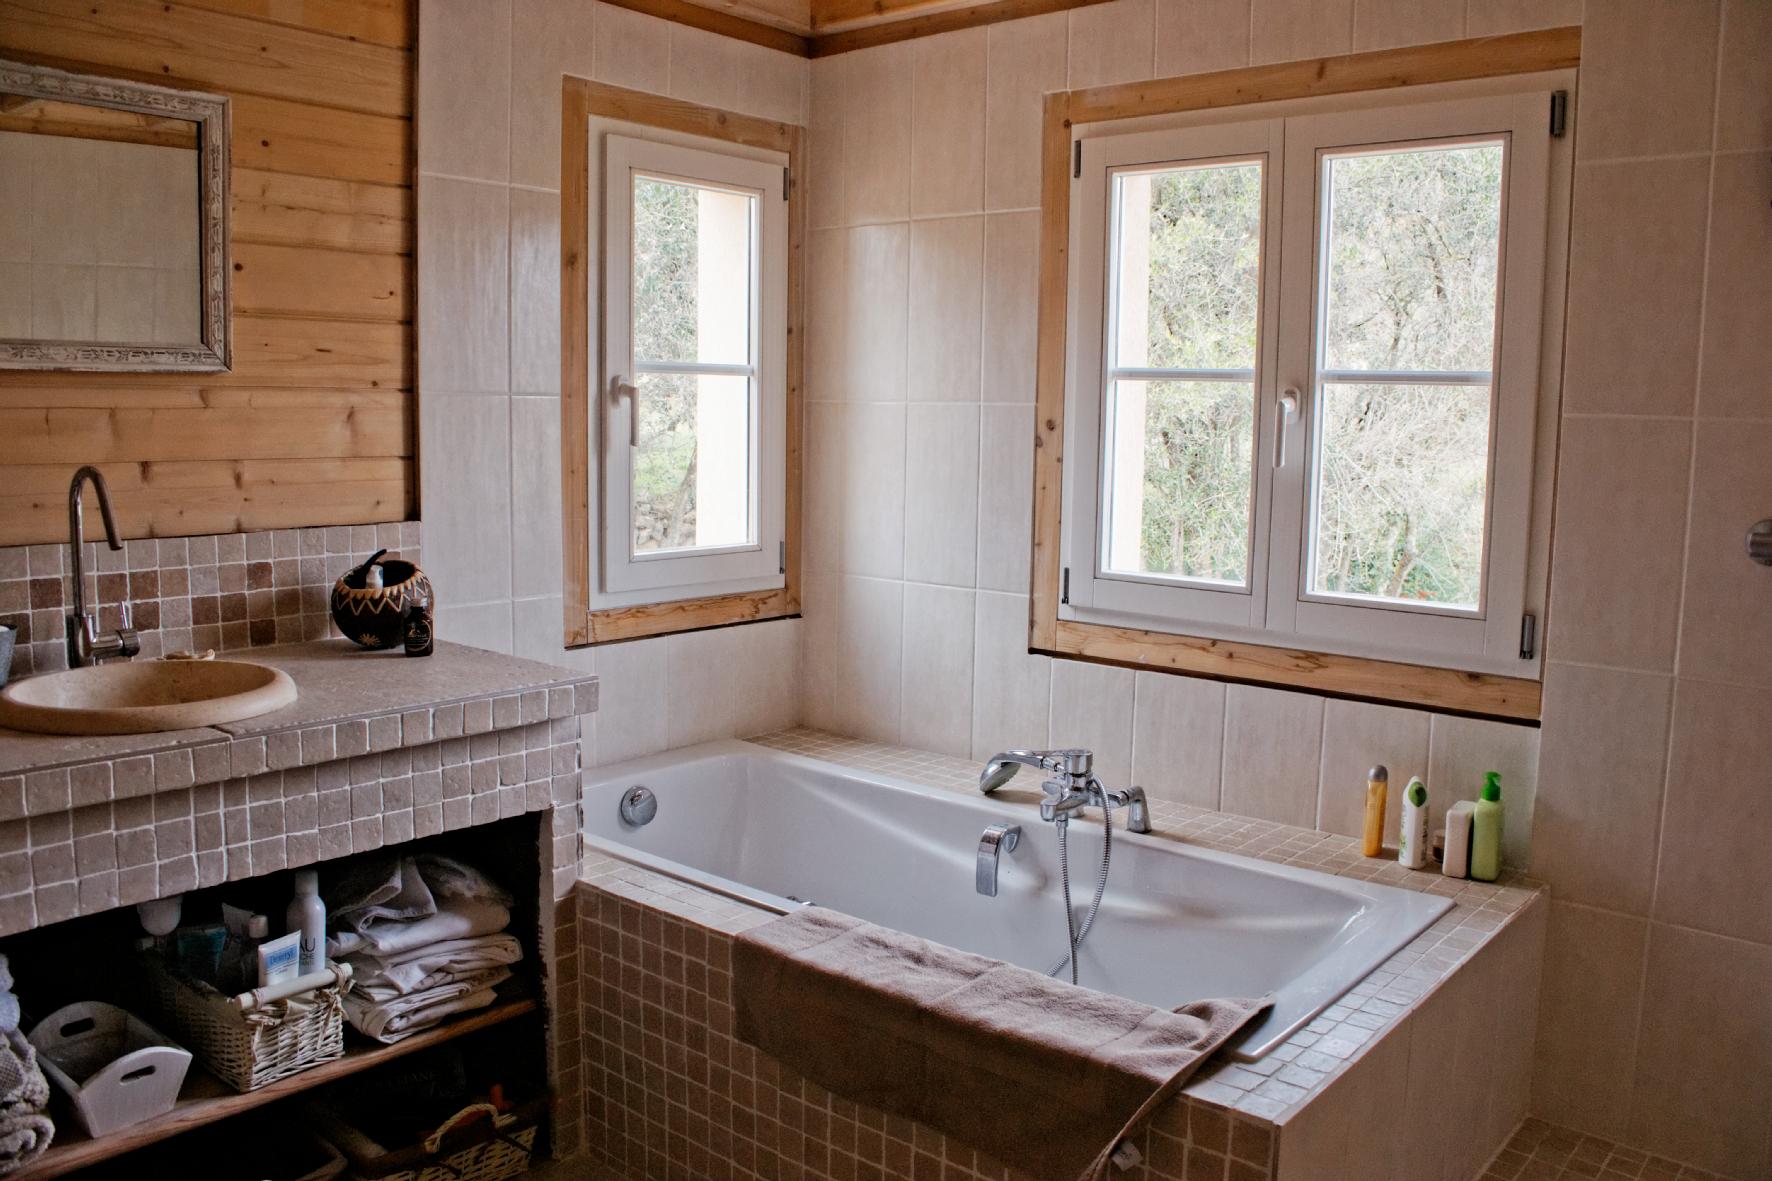 Comment d̩corer une maison en bois РMaison bois c̫t̩ sud